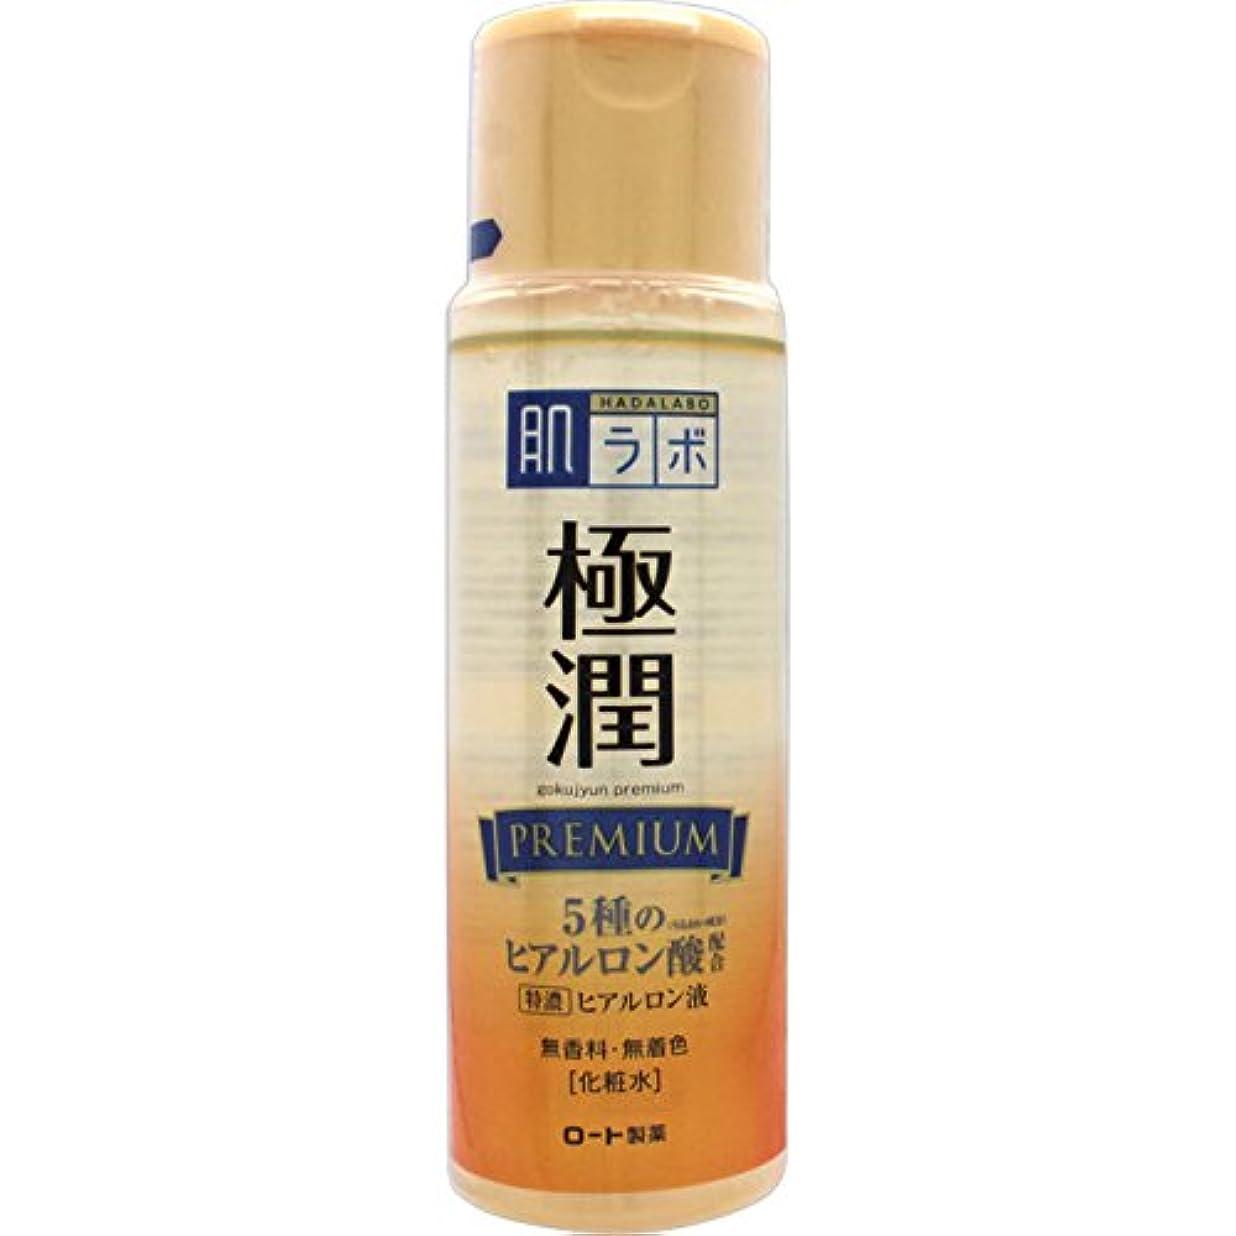 品揃え美的ナビゲーション肌ラボ 極潤プレミアム 特濃ヒアルロン酸 化粧水 ヒアルロン酸5種類×サクラン配合 170mL